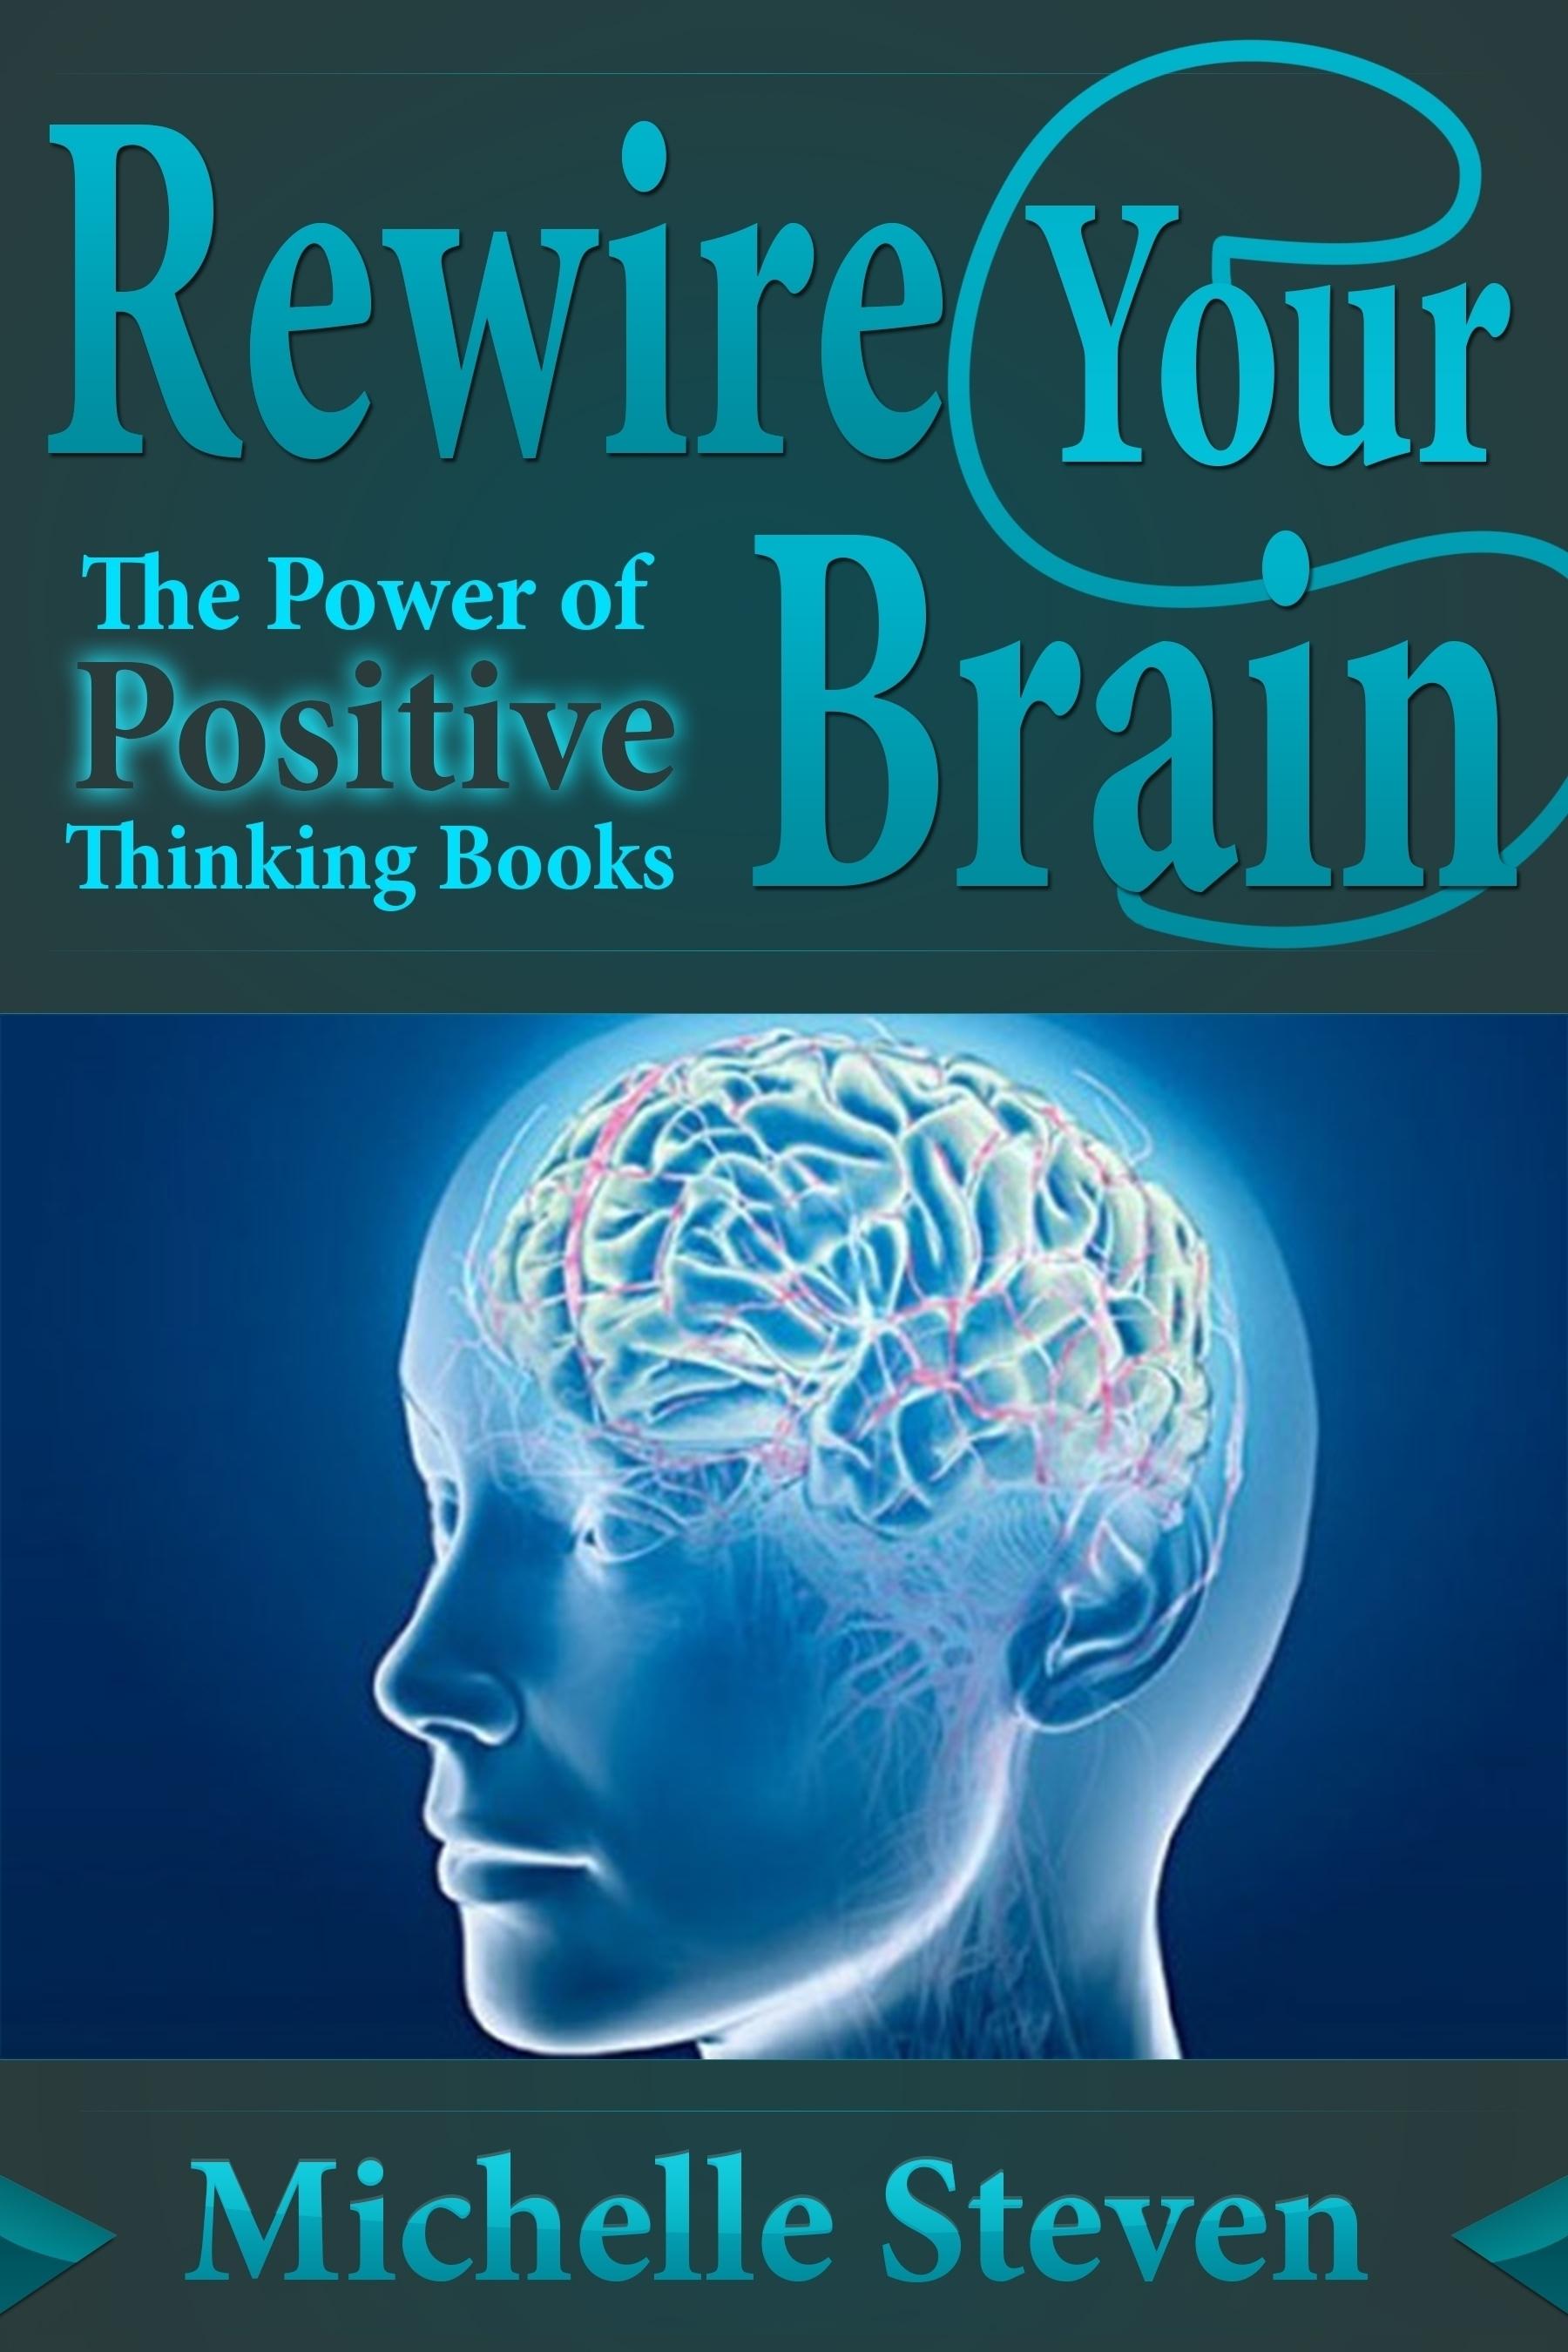 Positive thinking books in english pdf zusammenf?gen